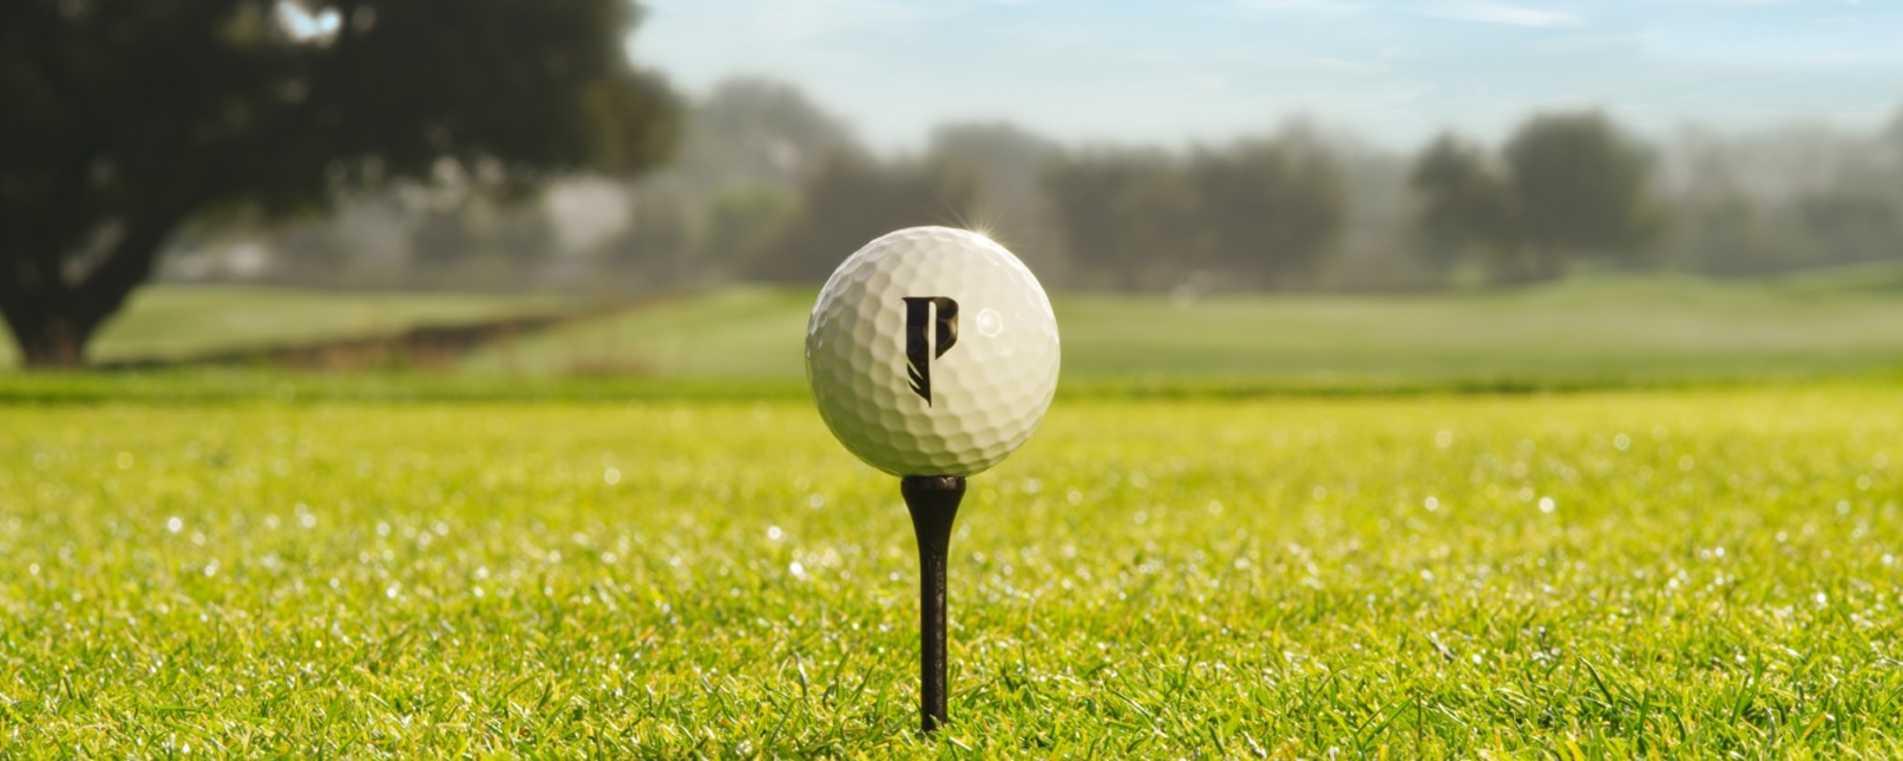 Golf Ball Image